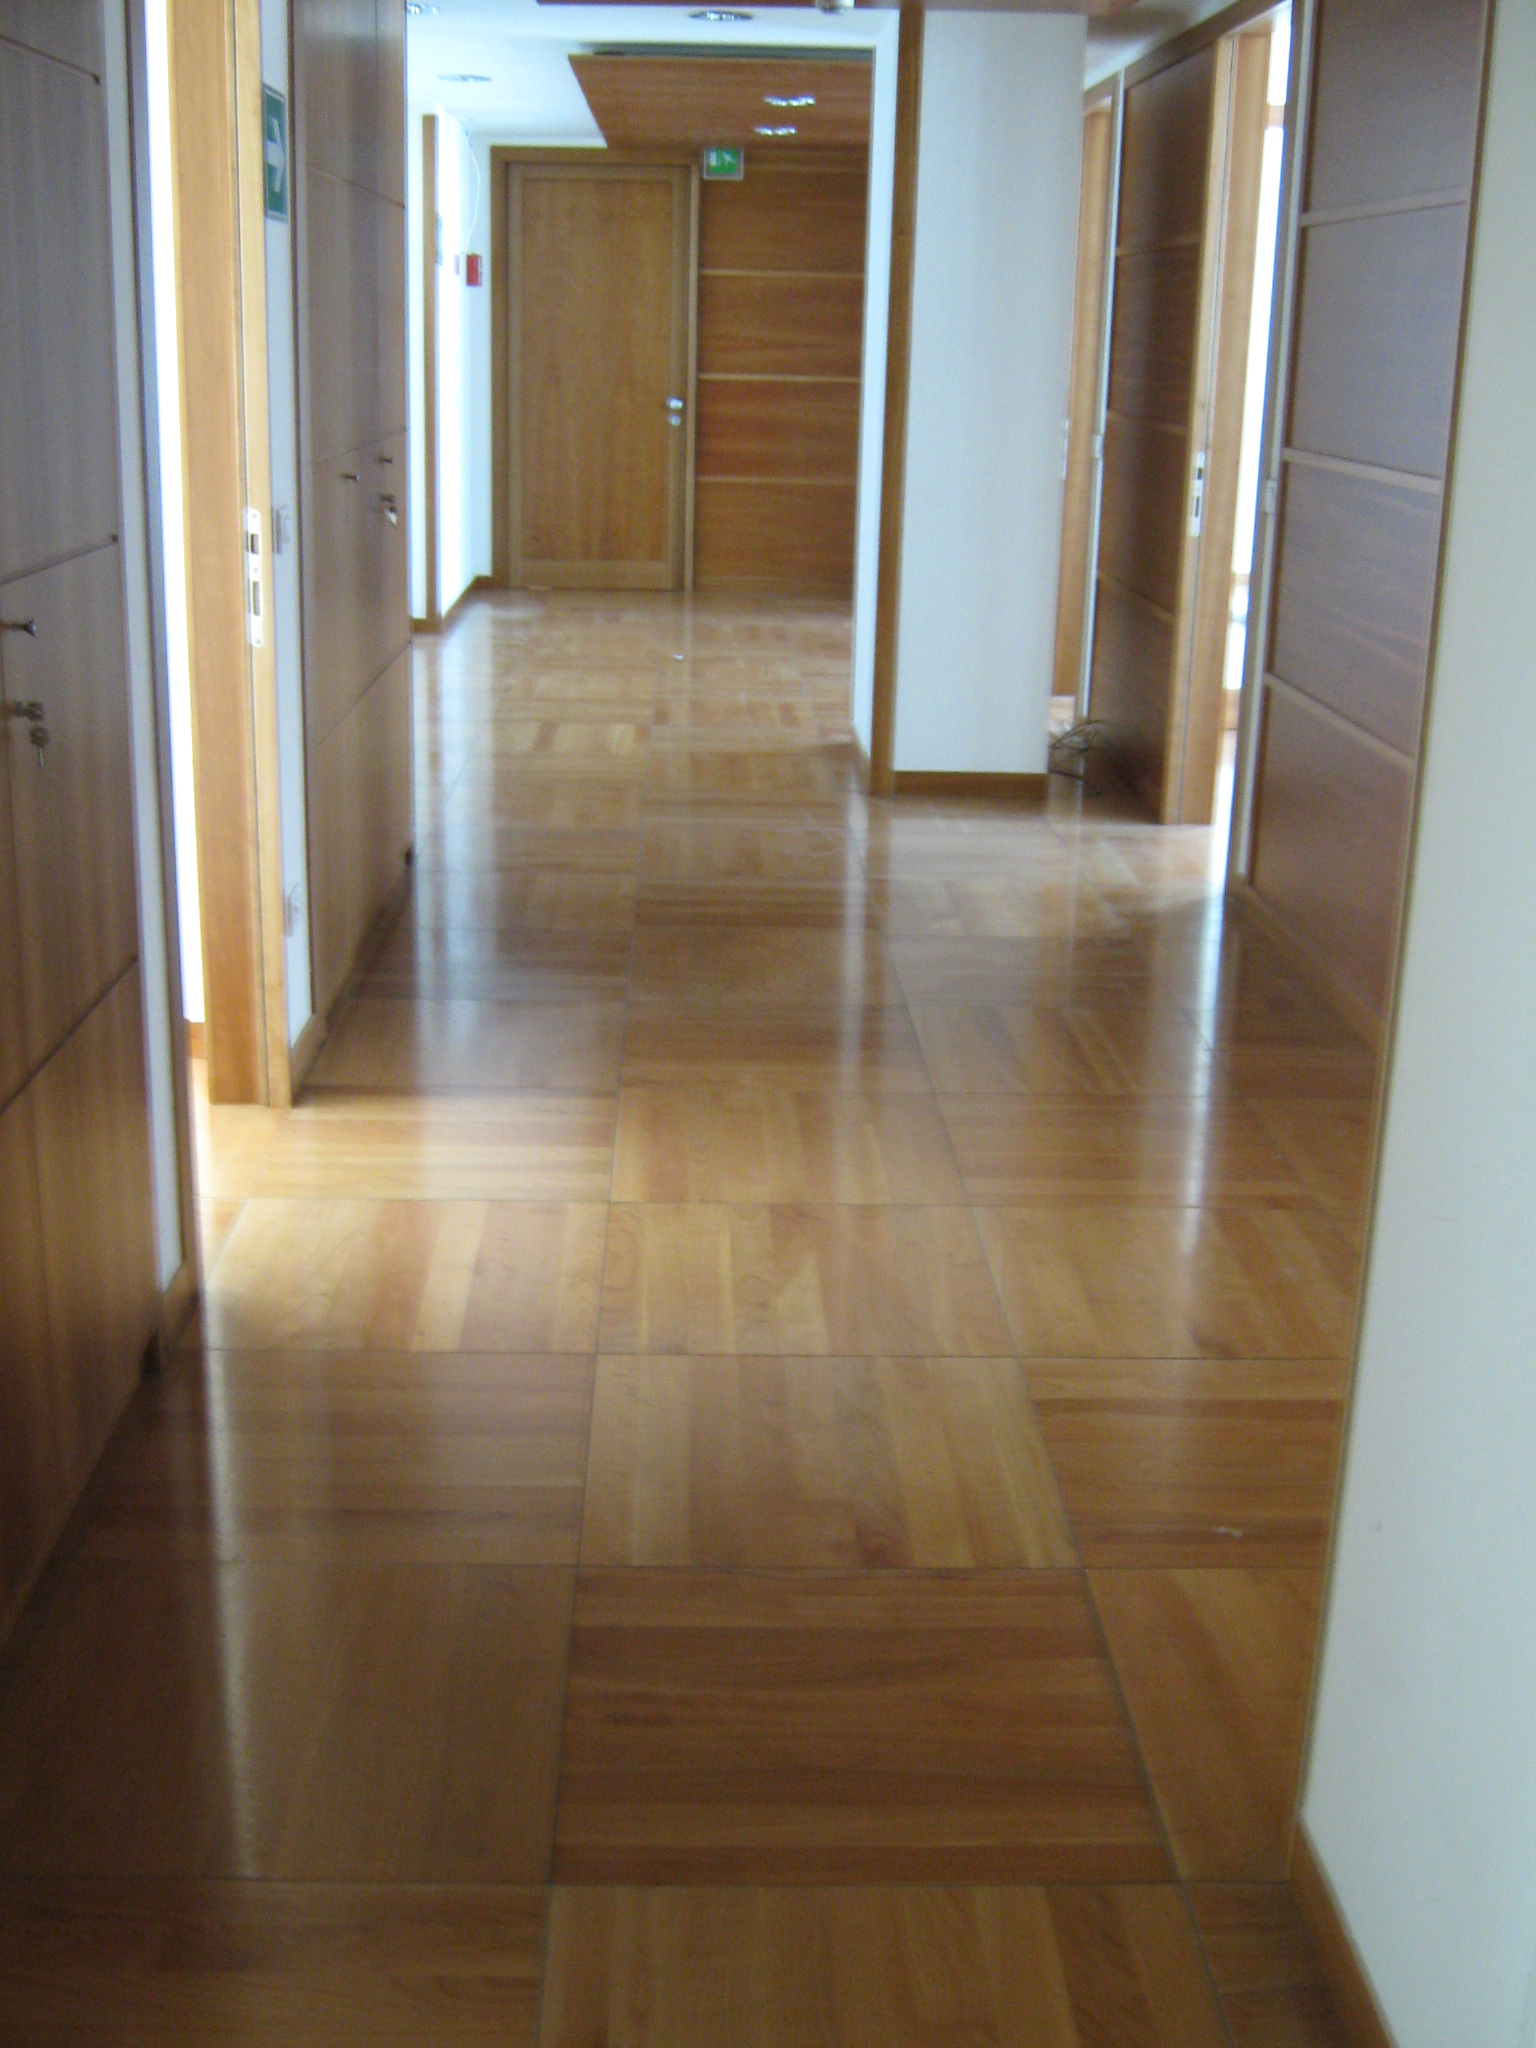 1. Corridoio uffici in parquet di doghe in legno disposte a quadri regolari: stato di fatto.